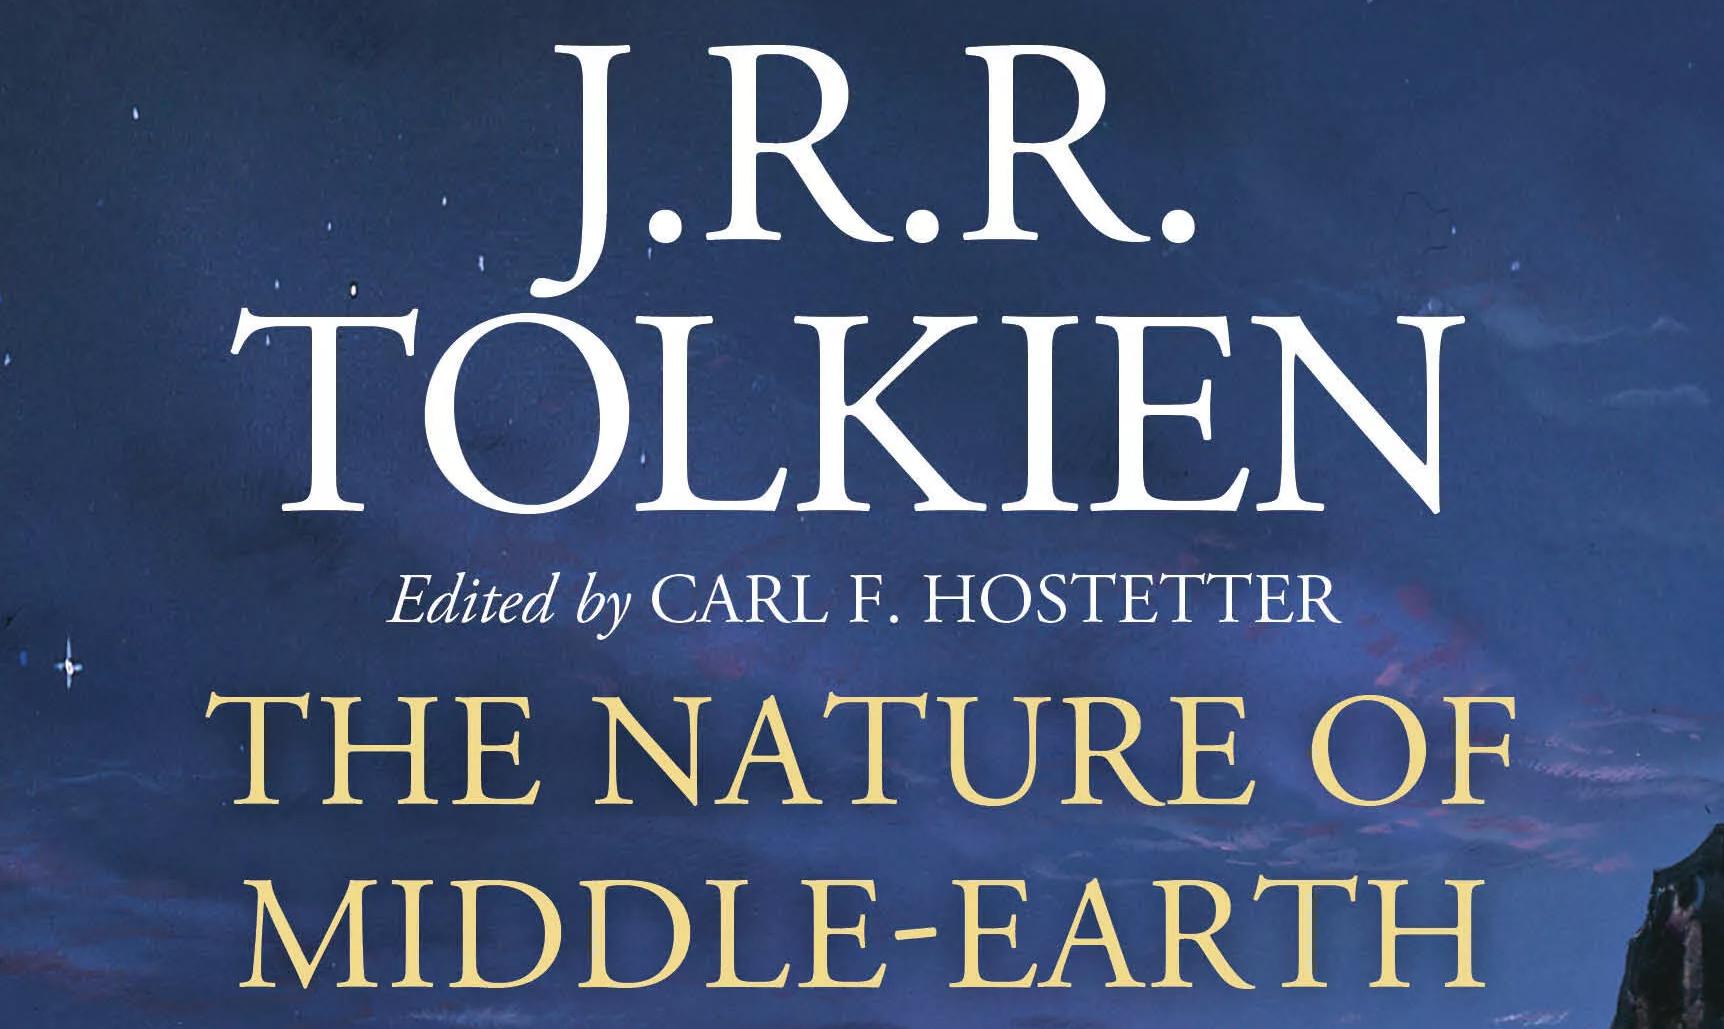 The Nature of Middle-Earth   Coletânea de textos de J.R.R. Tolkien sobre a  Terra Média é anunciada para 2021 - Cinesia Geek